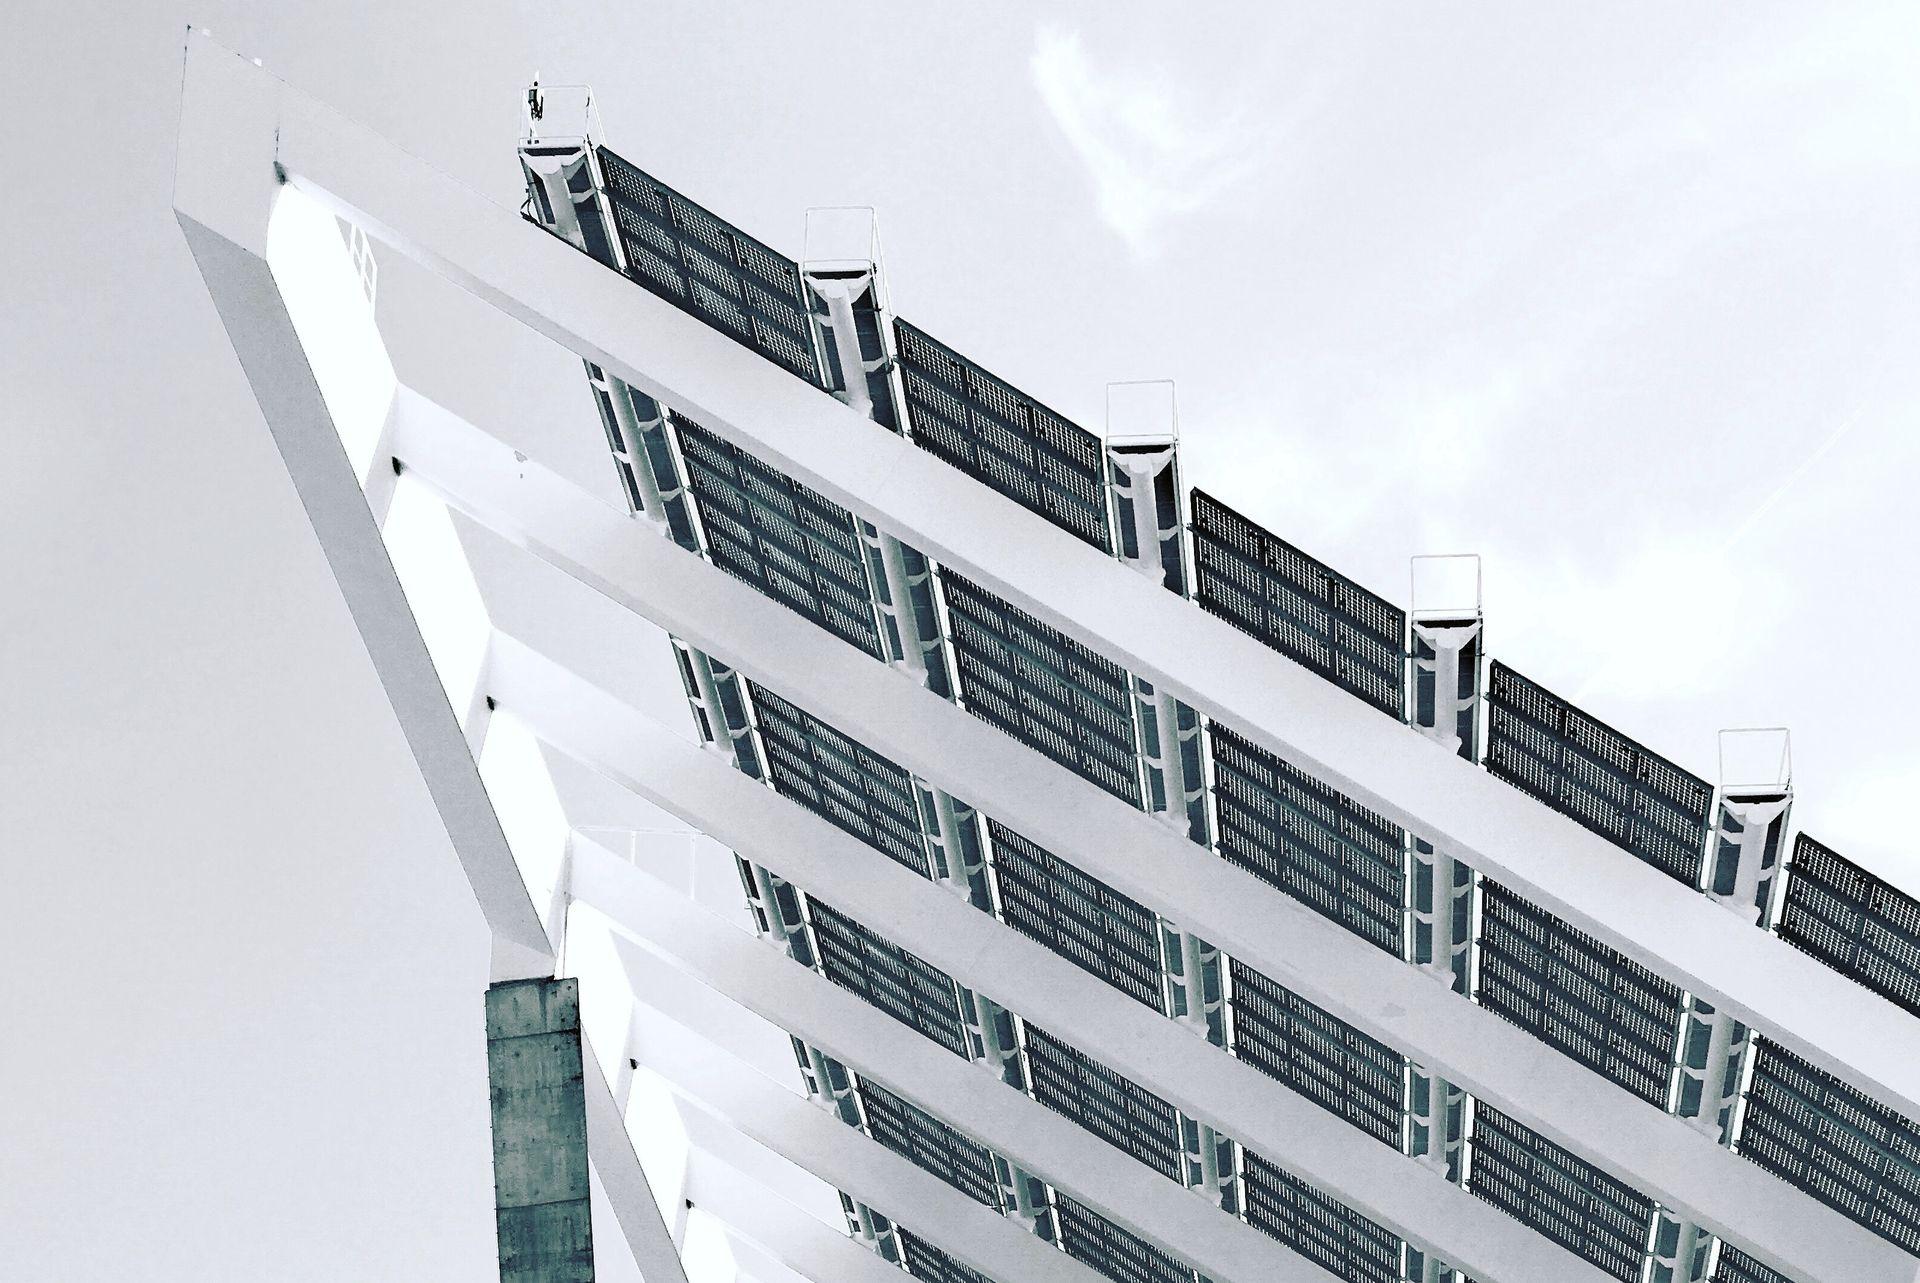 Lytovci investujuť €30 mln u sonjačnu energetyku na Žytomyrščyni